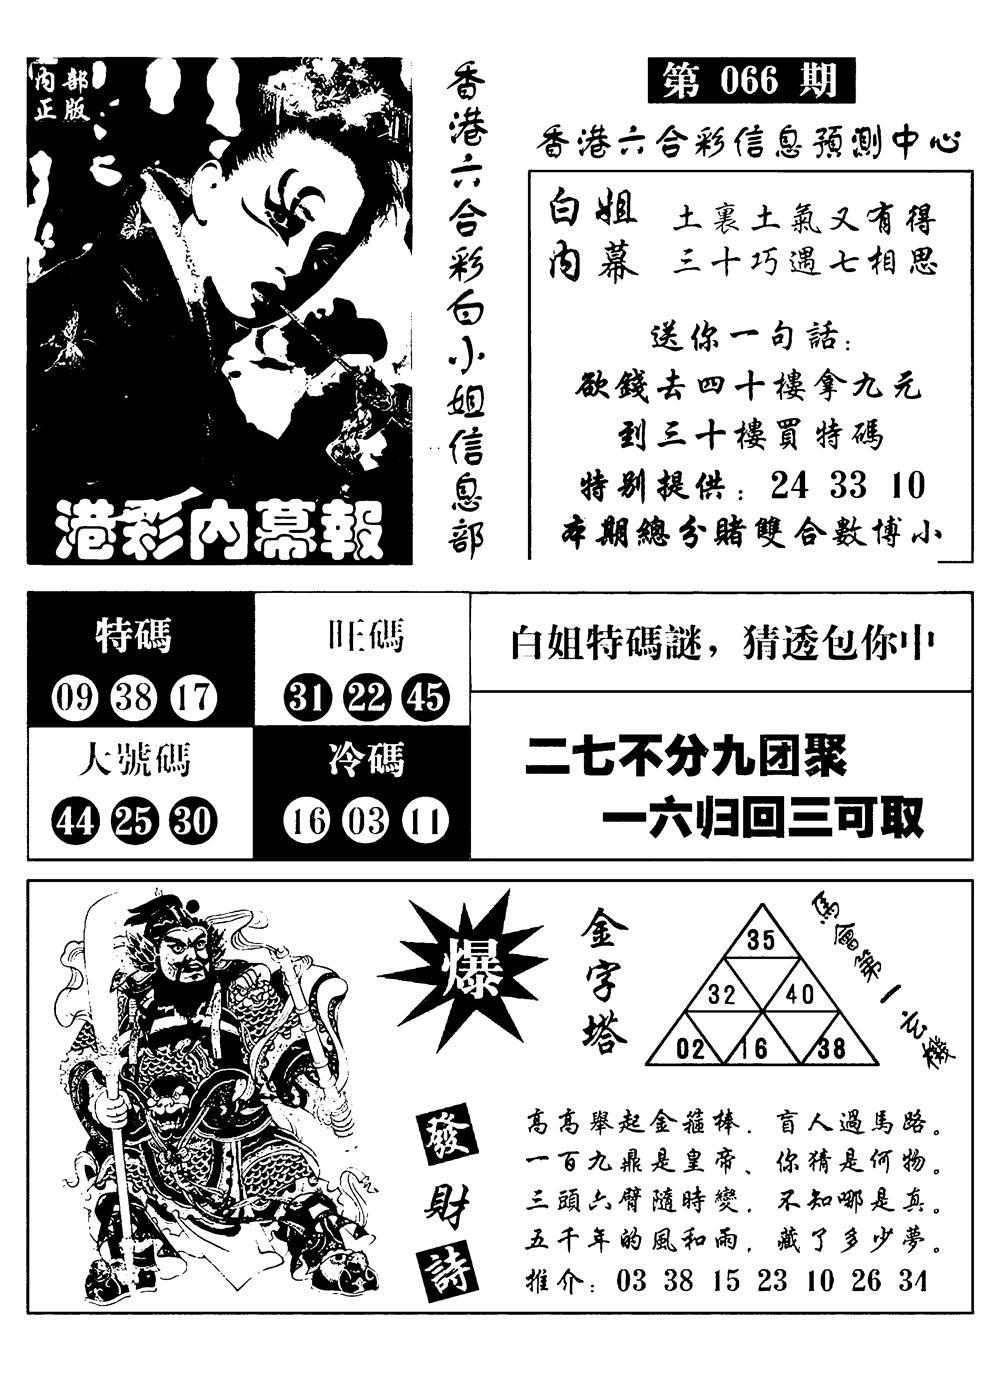 066期港彩内幕报(黑白)